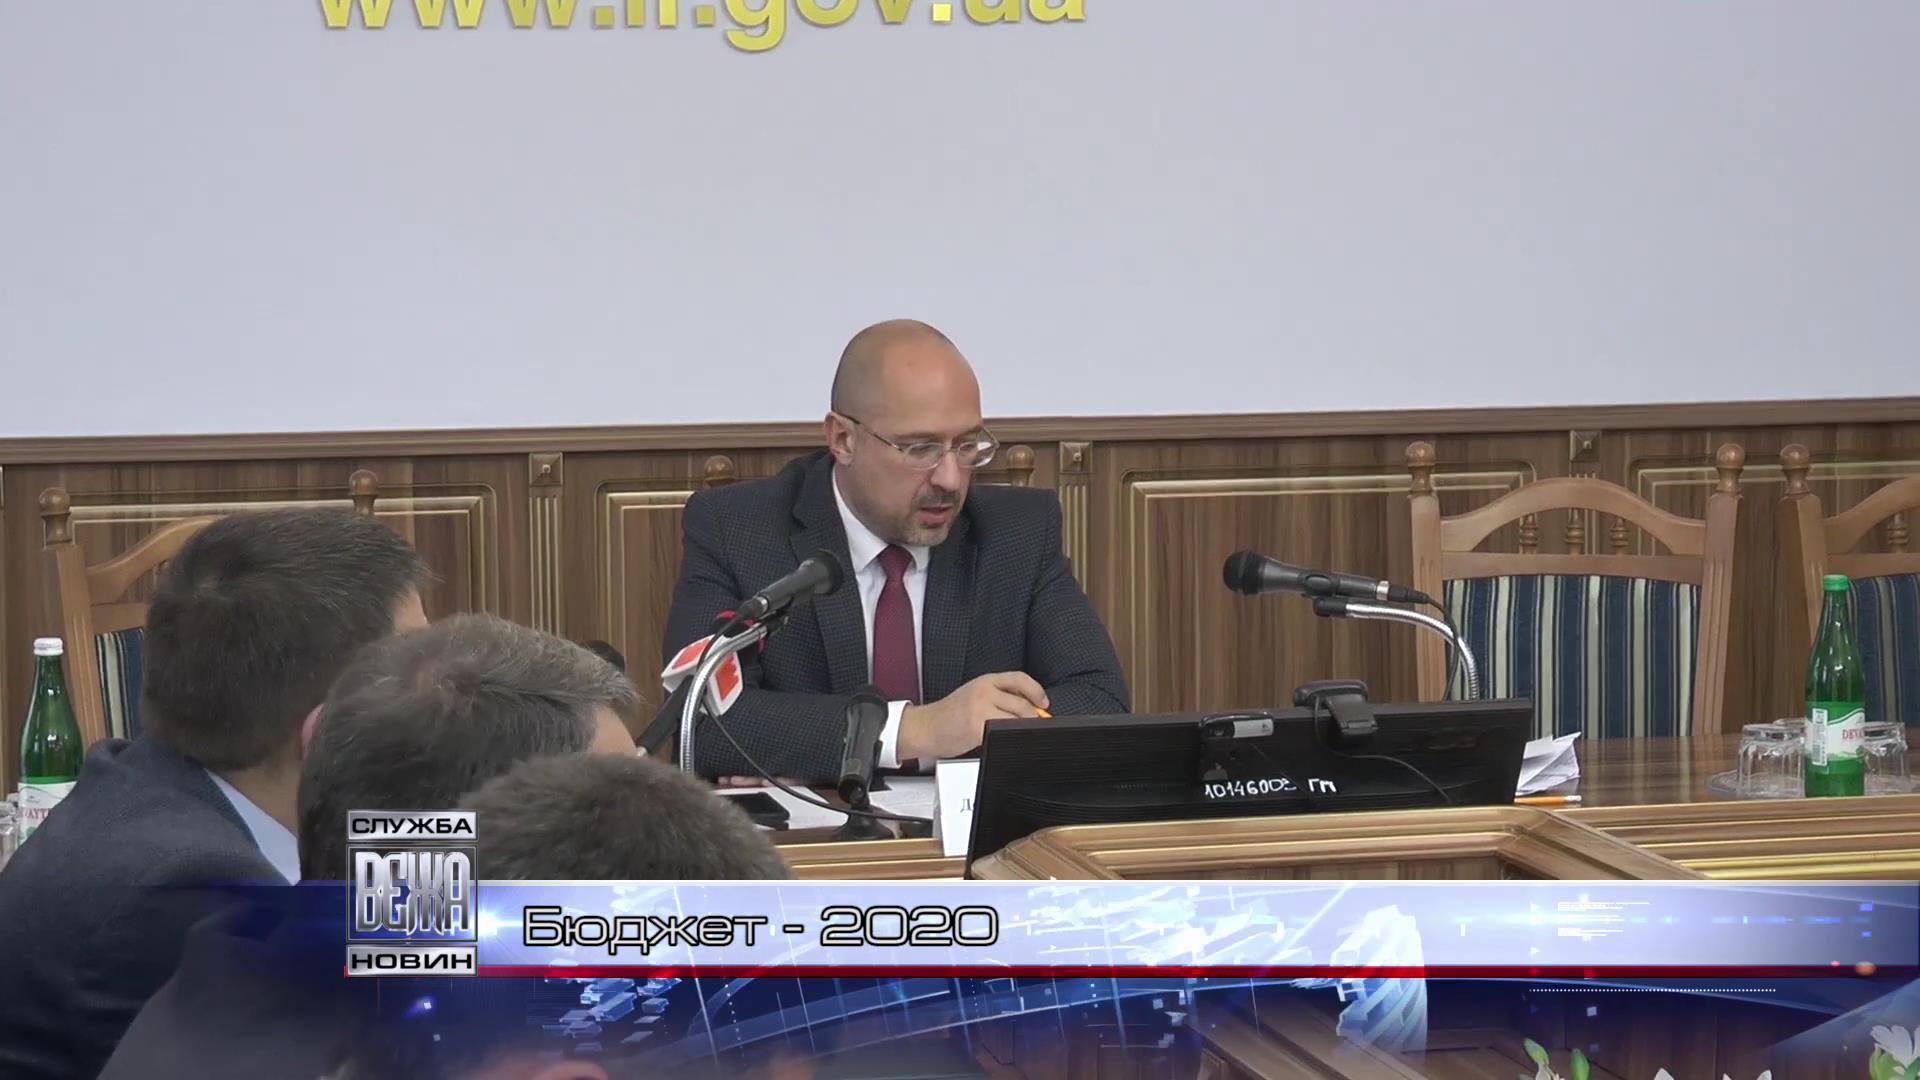 В Івано-Франківській ОДА обговорюють ухвалений Верховною Радою бюджет наступного року[18-41-00]